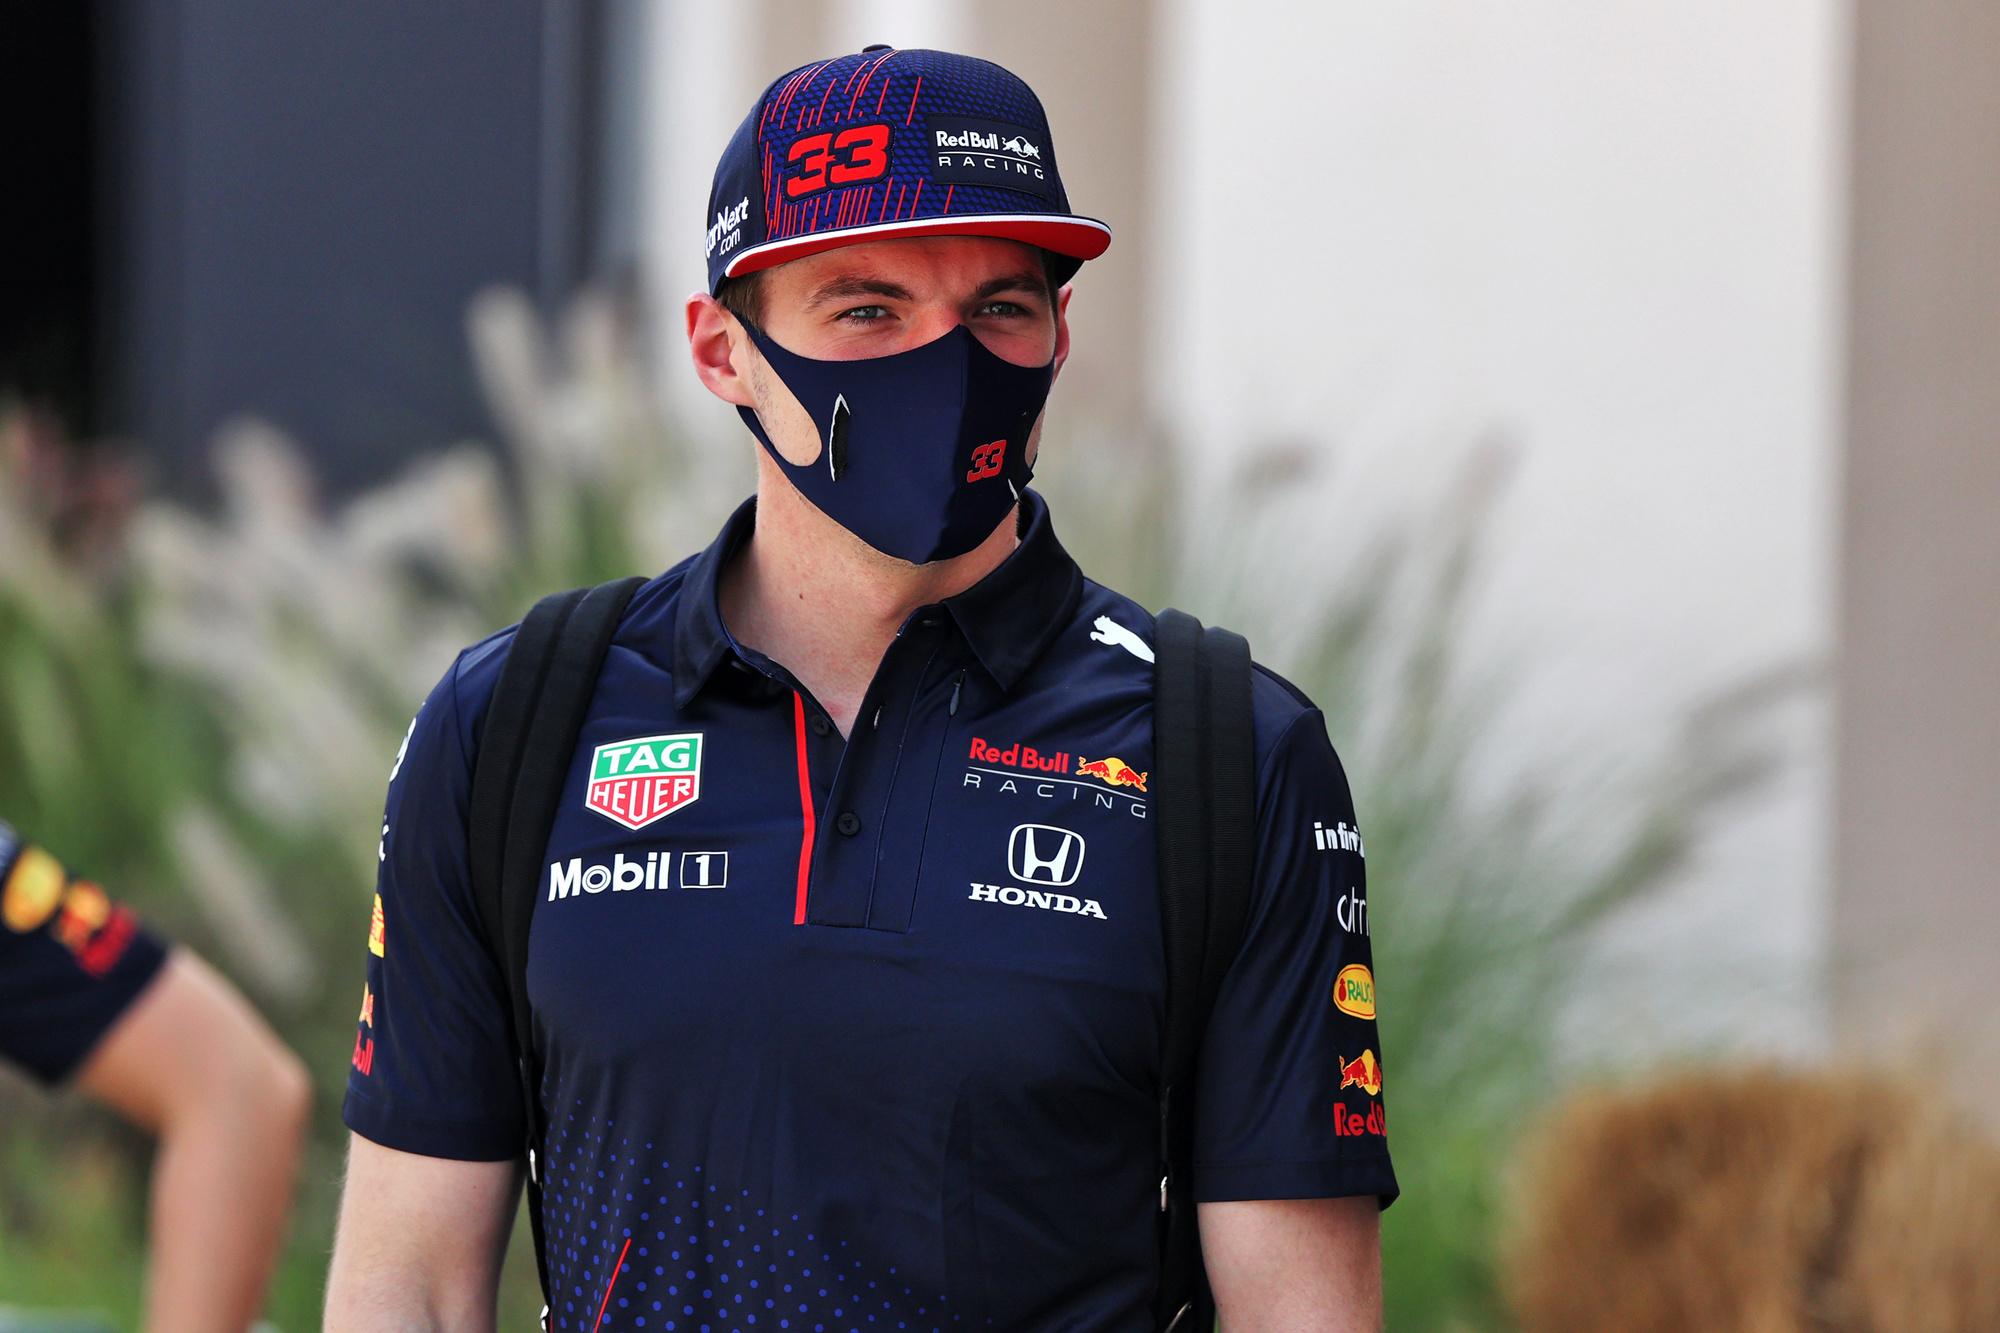 Max Verstappen doit être le principal concurrent de Lewis Hamilton., PRESSASSOCIATION